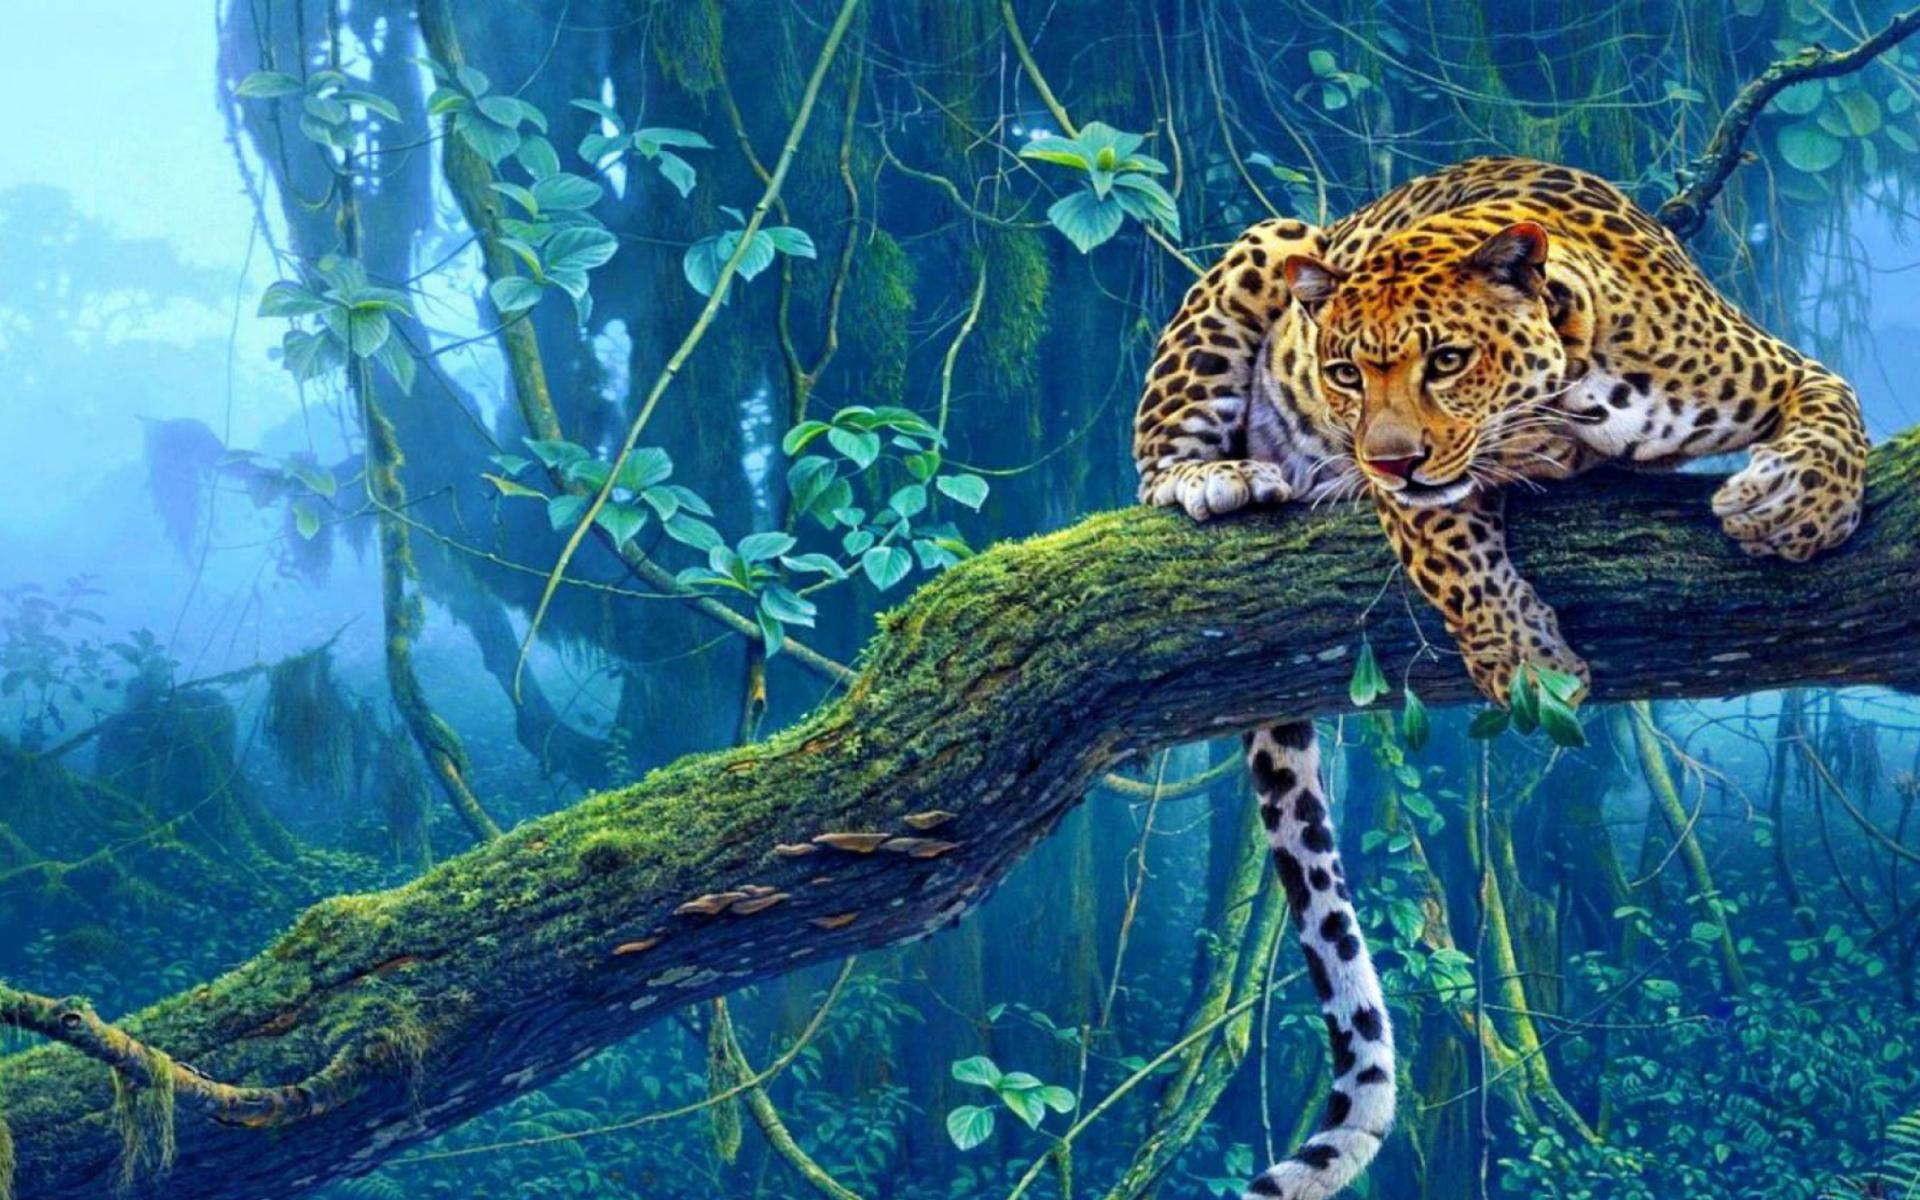 jungle tiger painting fondos de pantalla gratis para